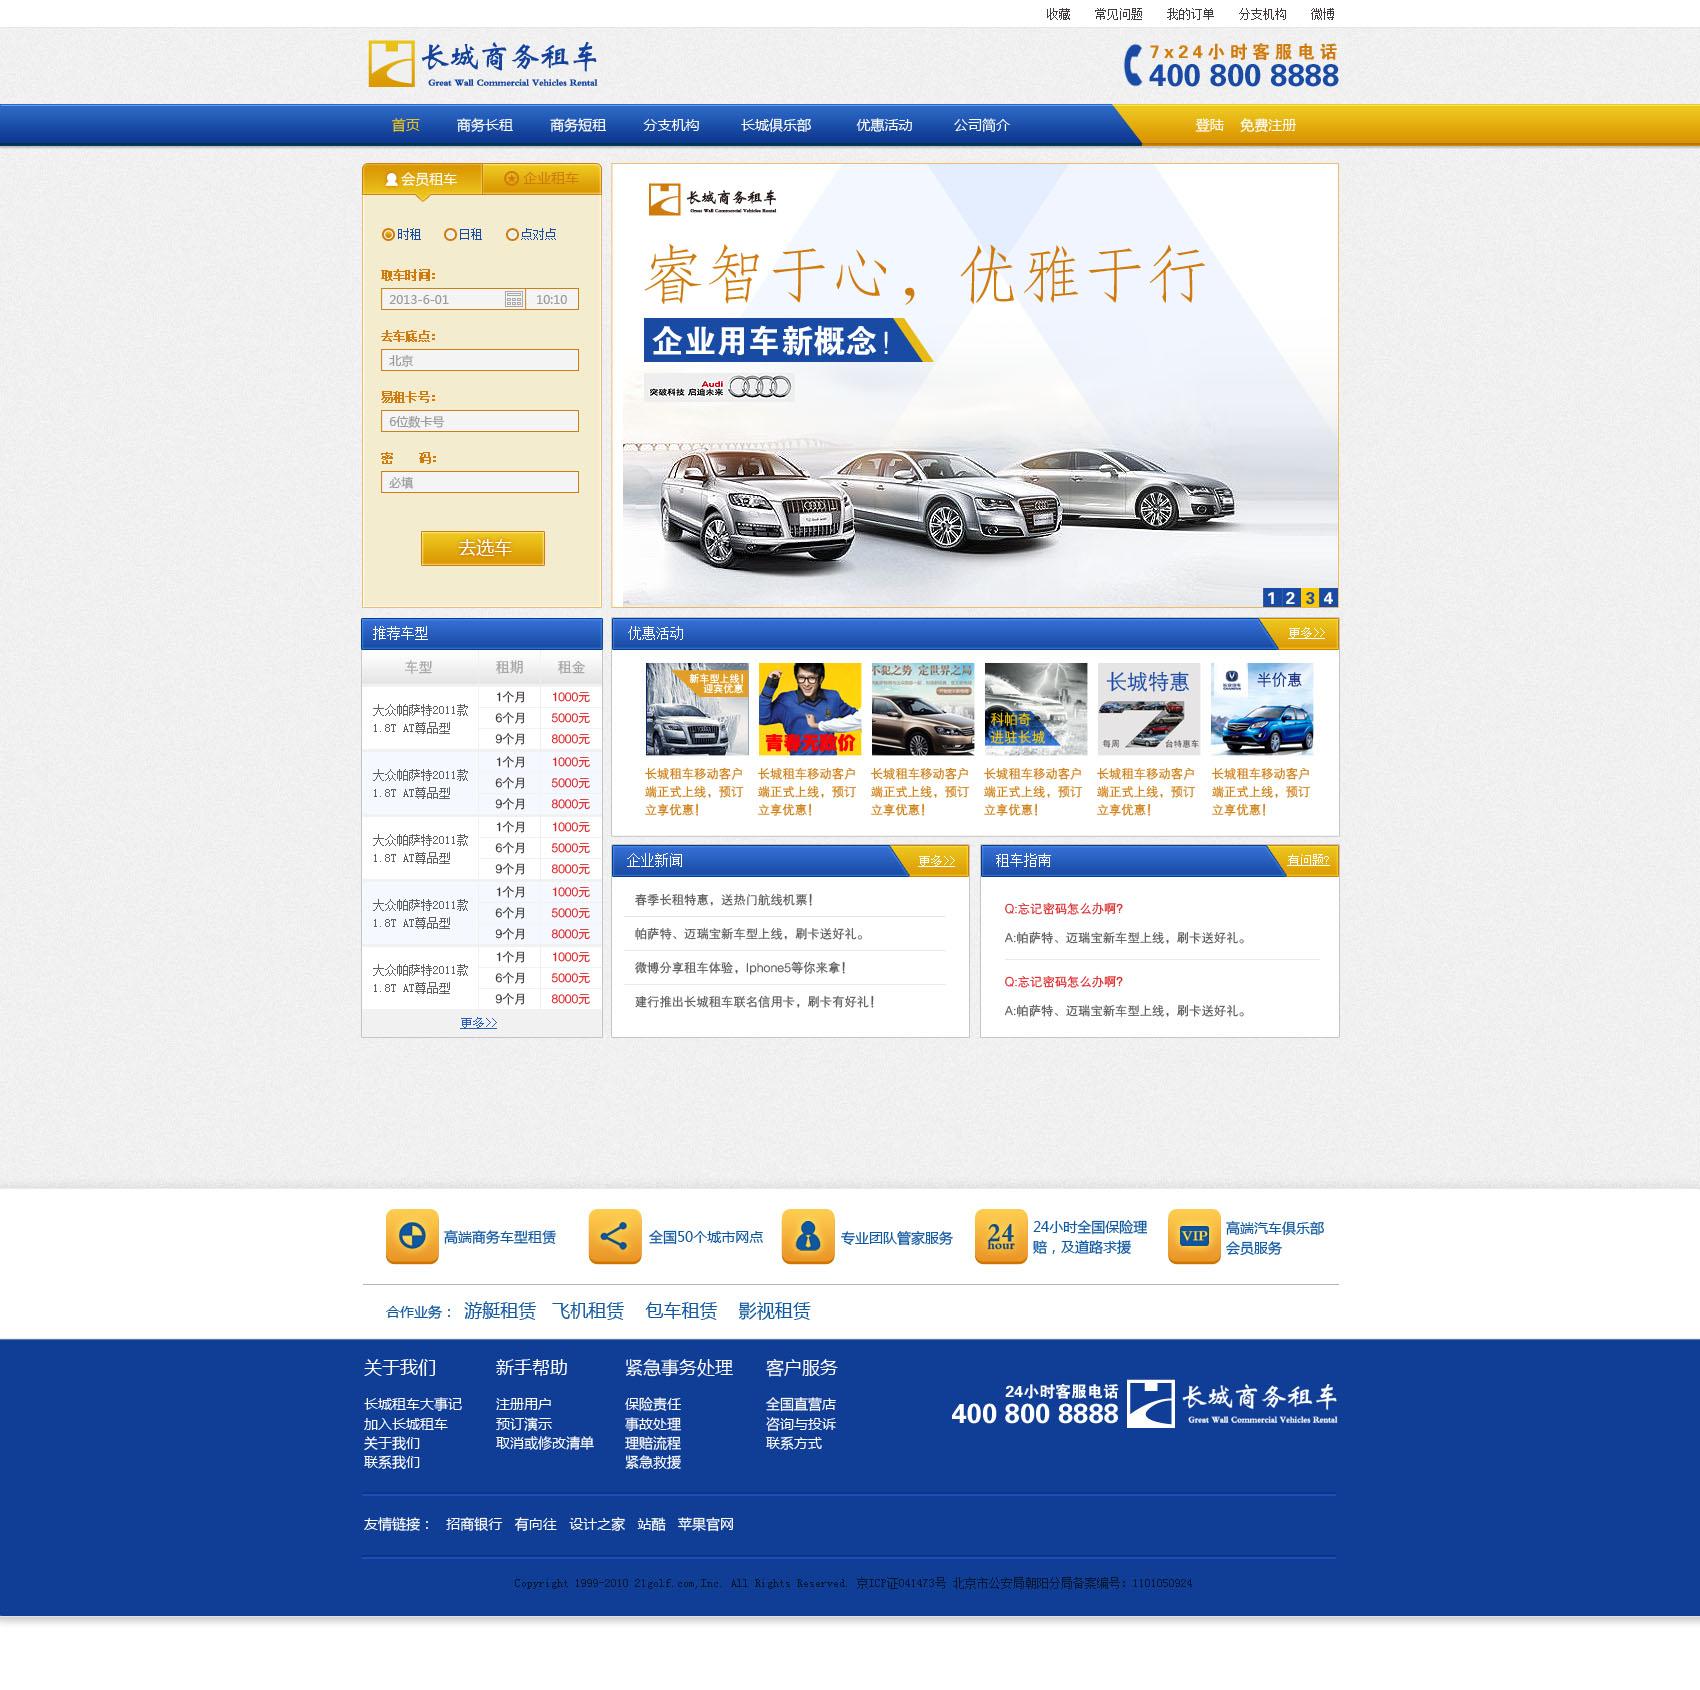 长城商务租车公司网站及crm客户管理系统   长城商务租车高清图片